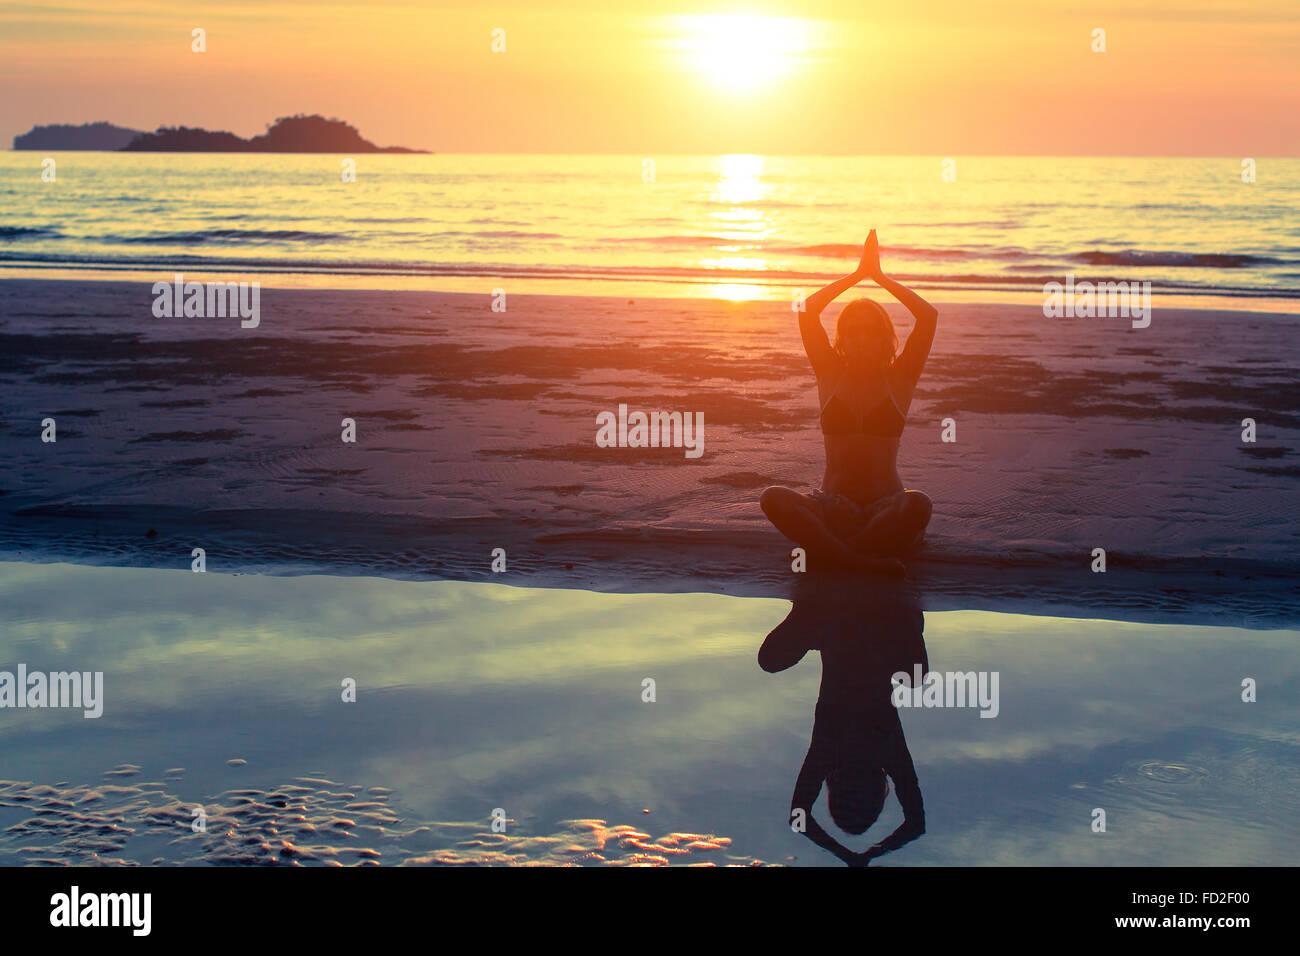 Silhouette di donna a praticare yoga sulla spiaggia al tramonto da favola. Immagini Stock